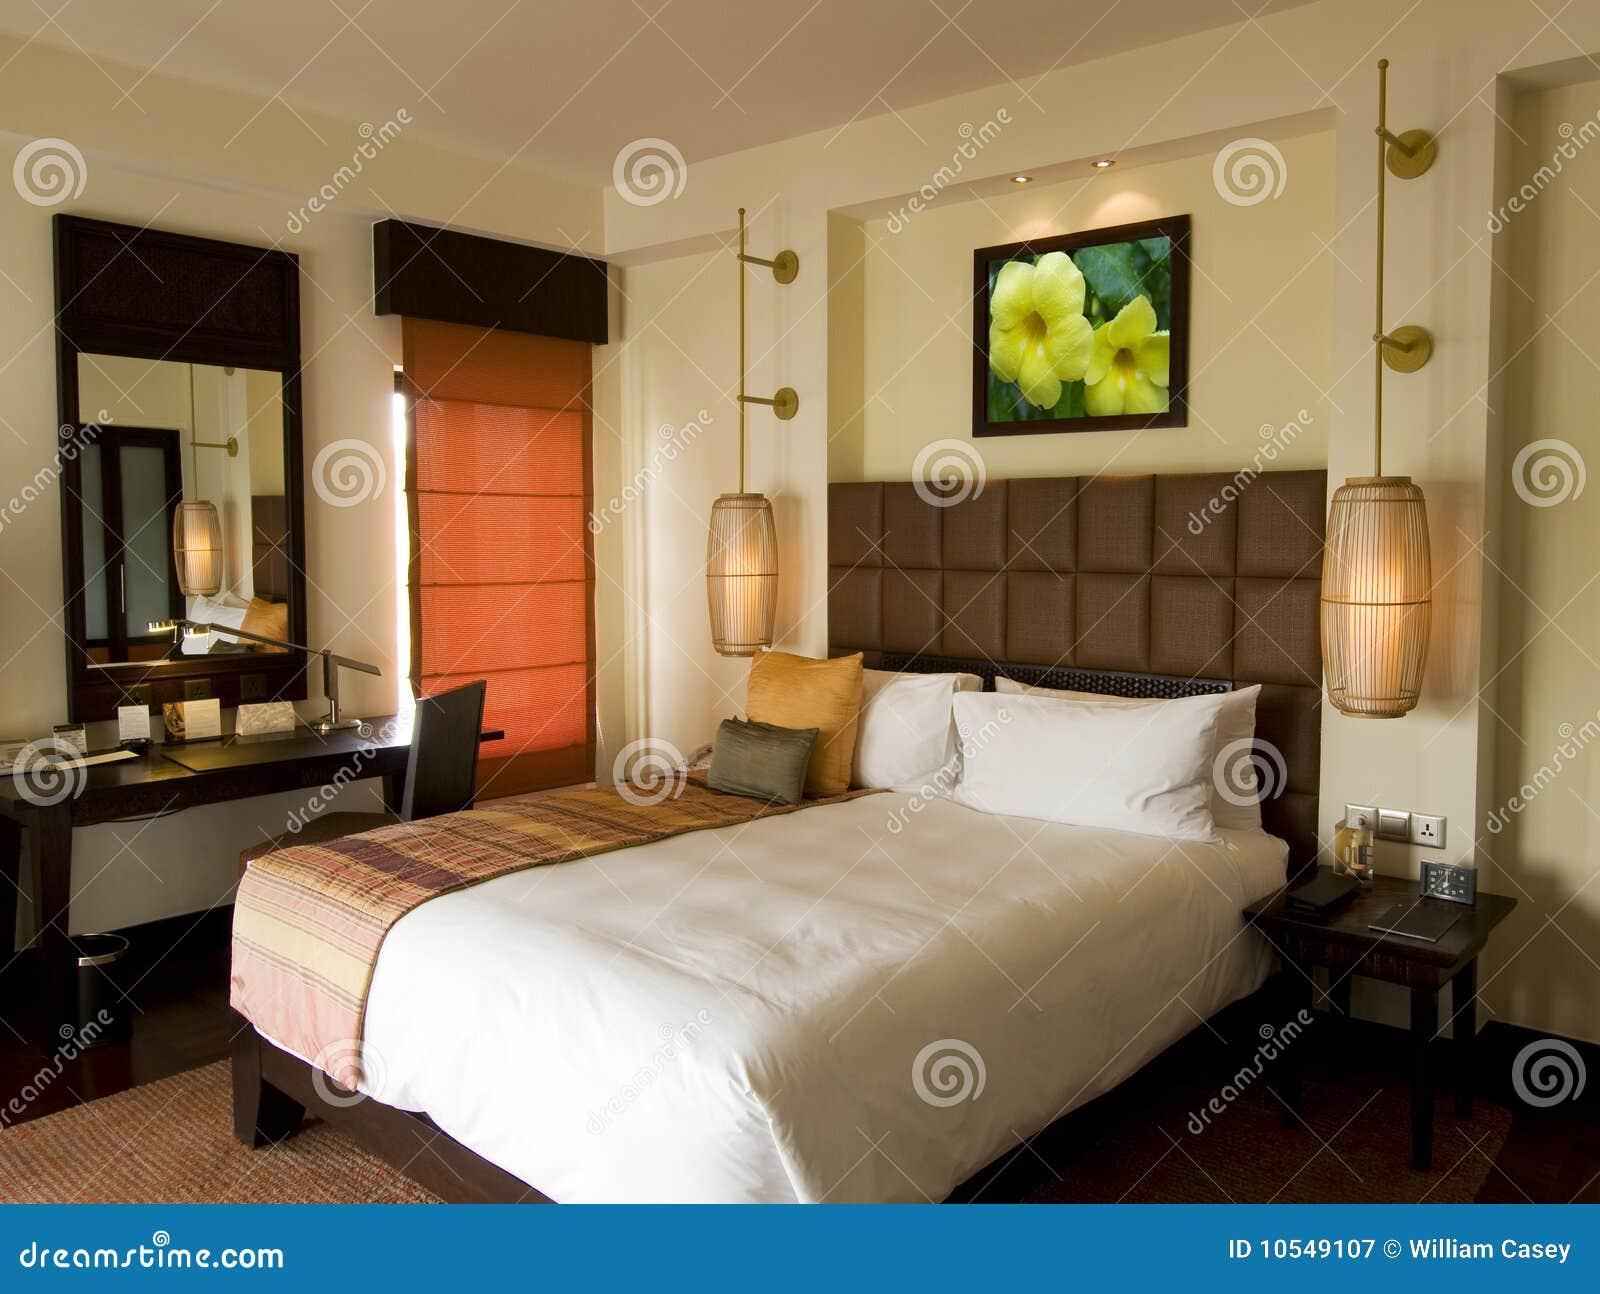 Slaapkamer Hotel Stijl : Tropical Resort Bedroom Style